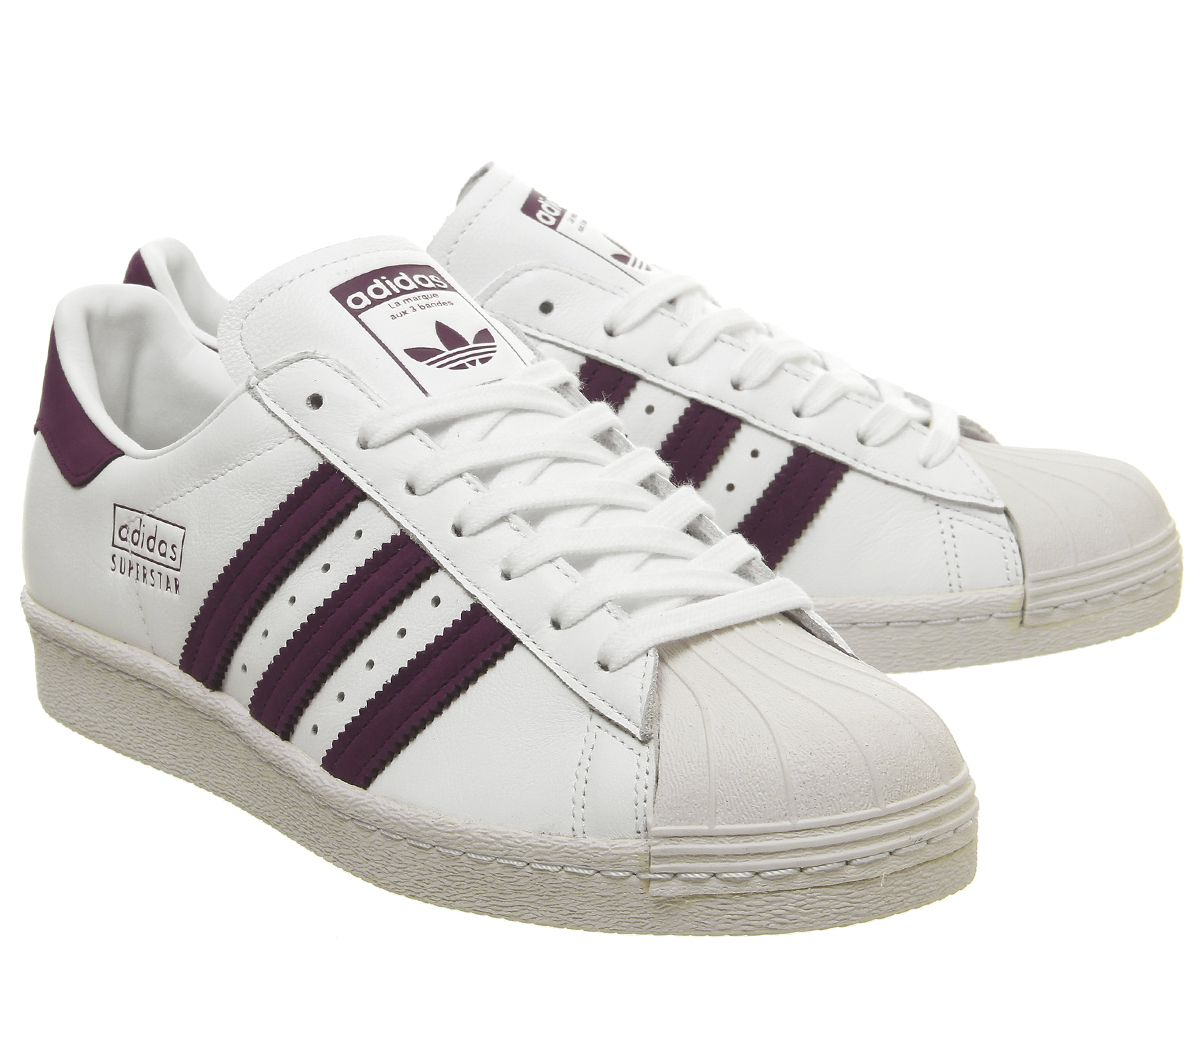 Details zu Herren Adidas Superstar 80er Jahre Turnschuhe Weiß Maroon Kristall Weiße